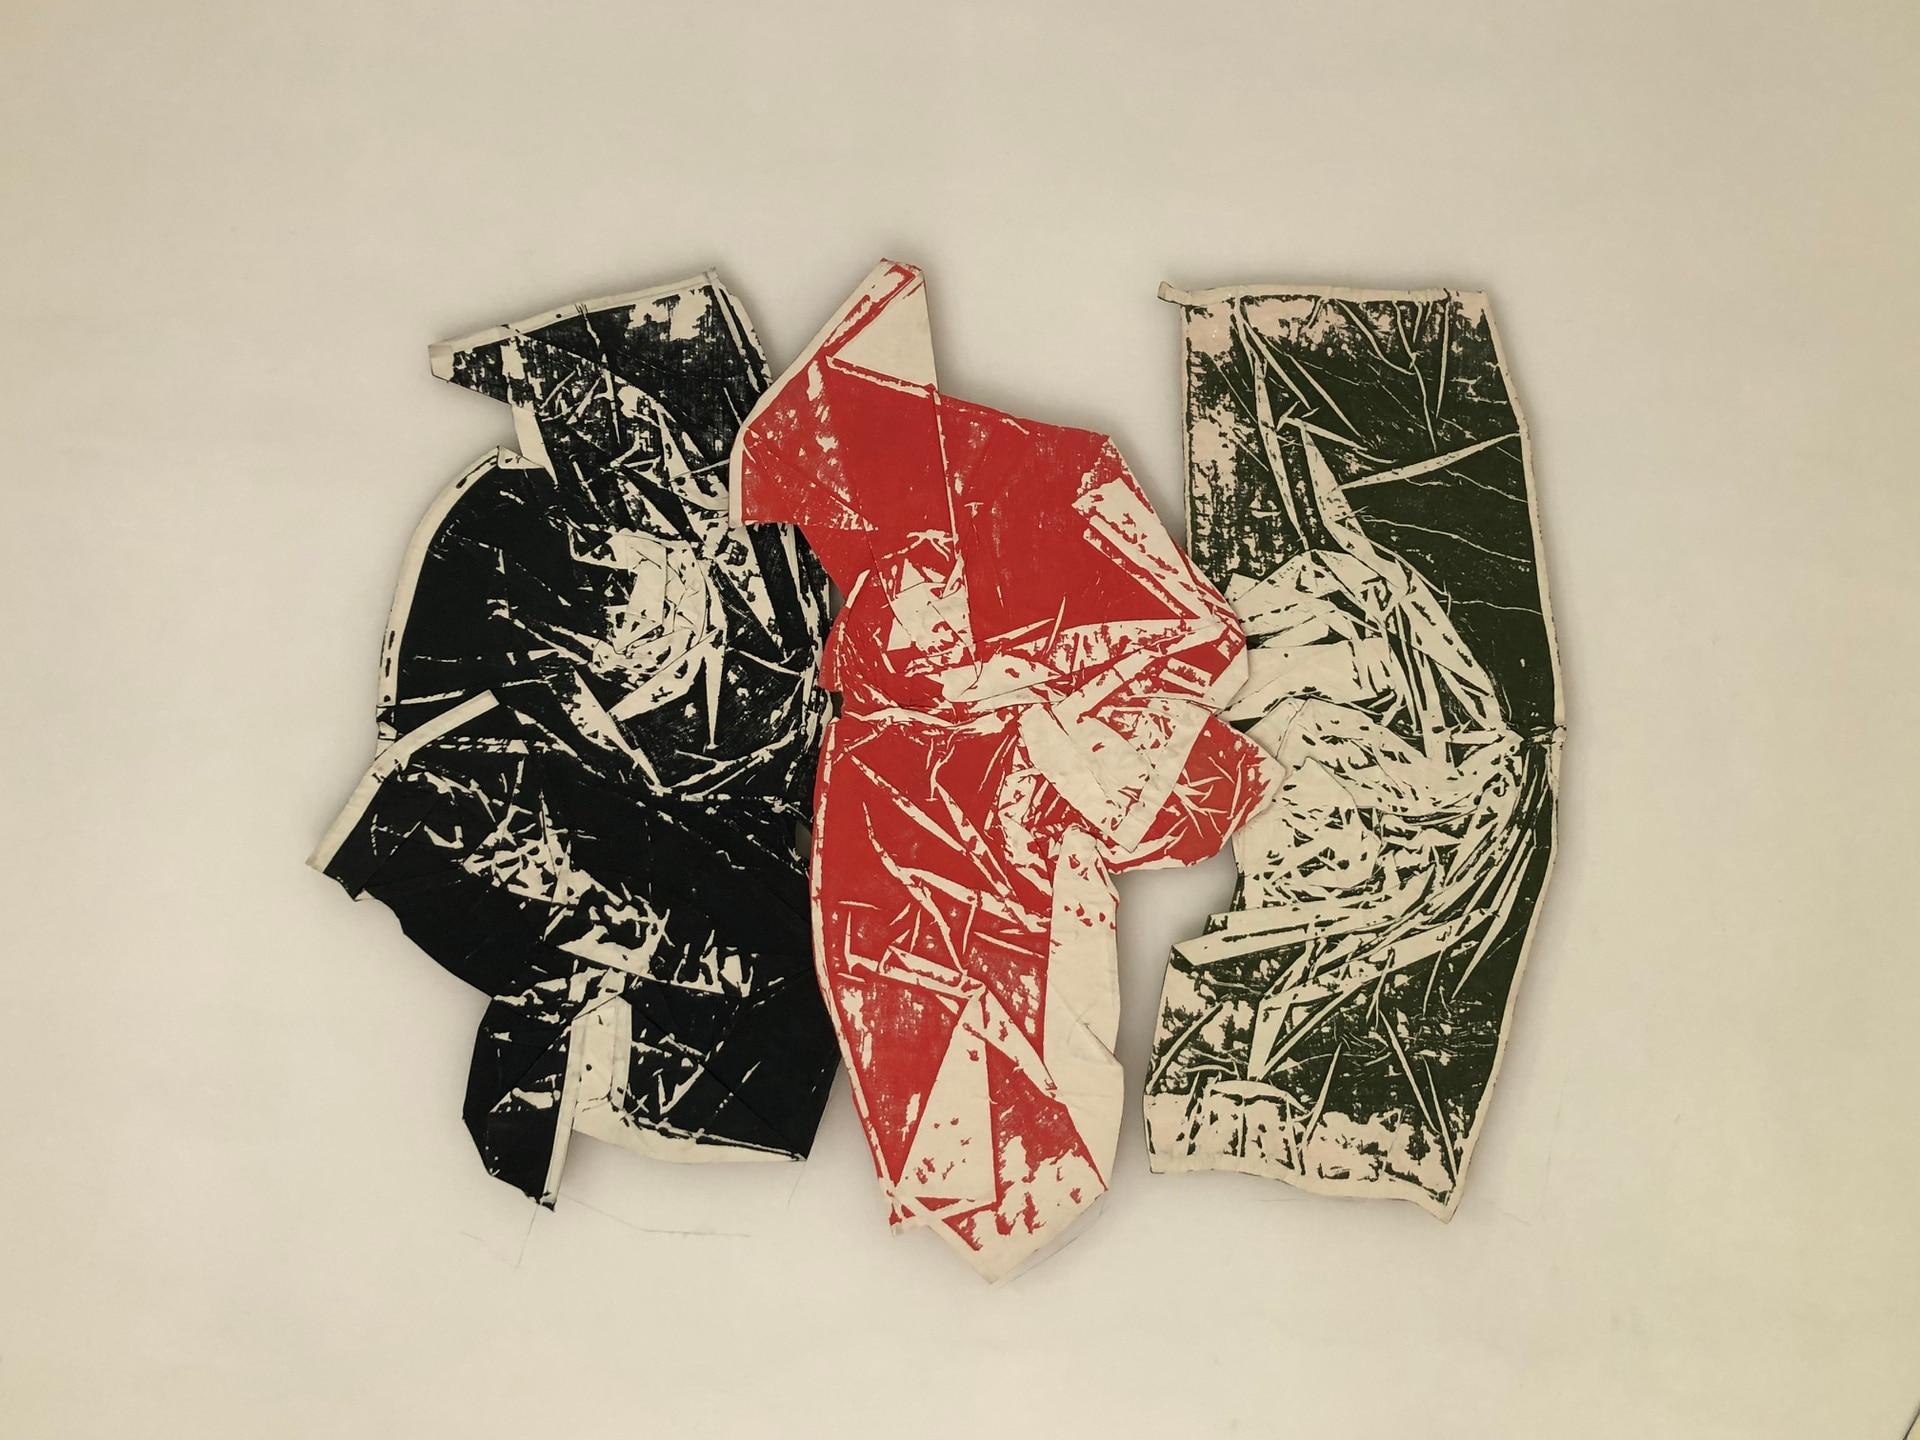 Una de las creaciones textiles de Jessica Trosman y Martín Churba